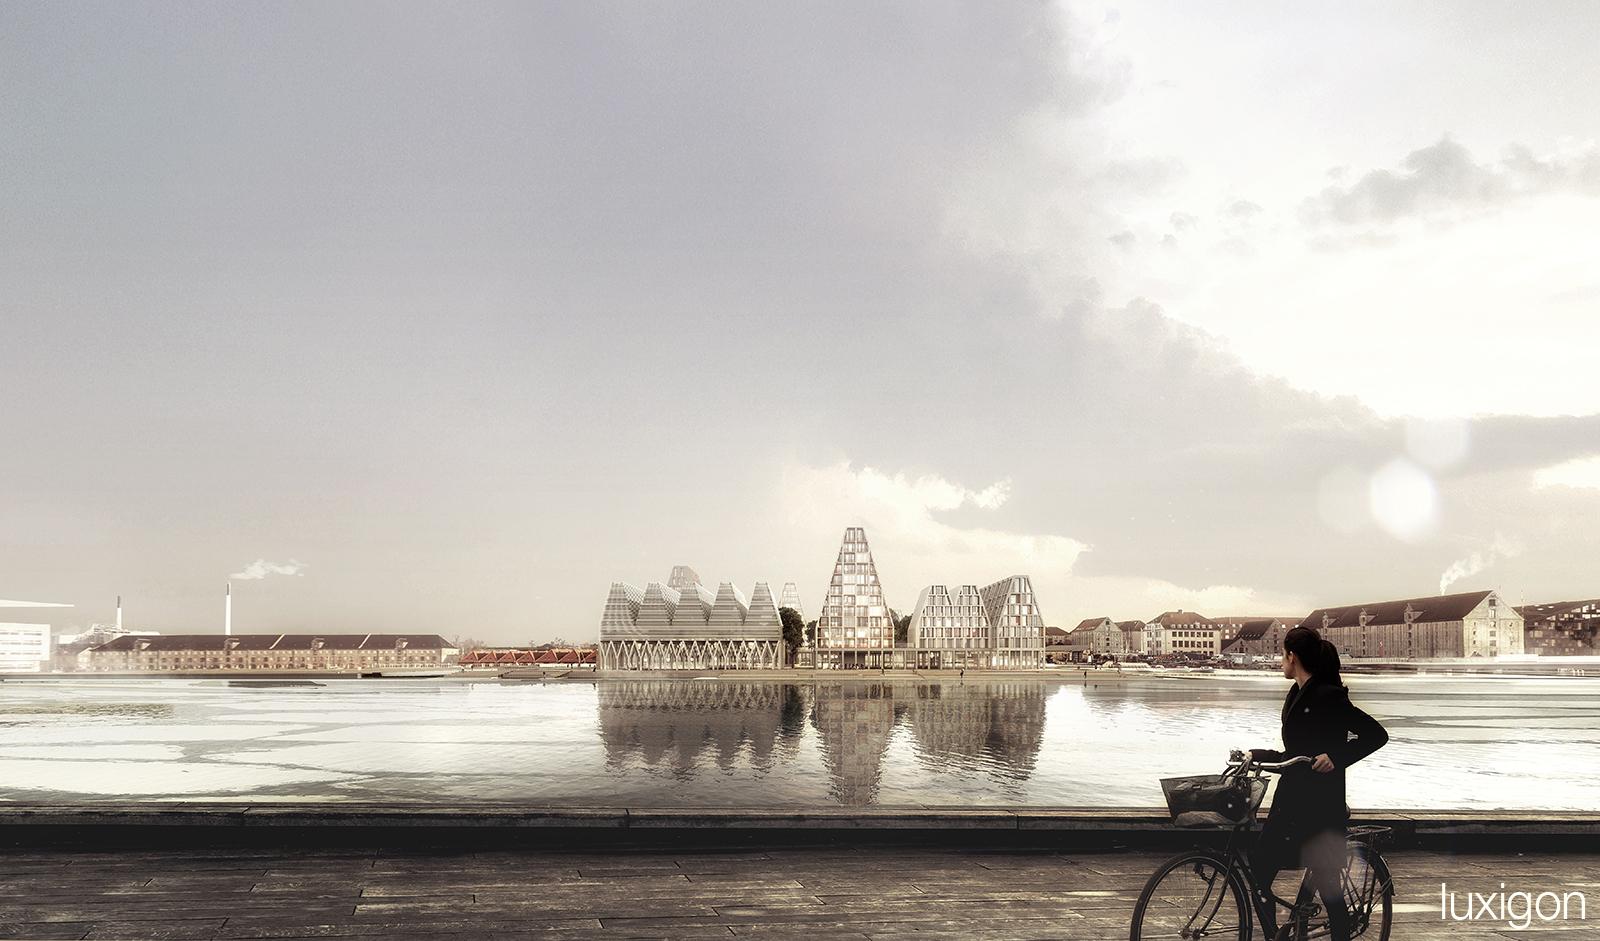 COBE - Paper Island - Copenhagen, DK